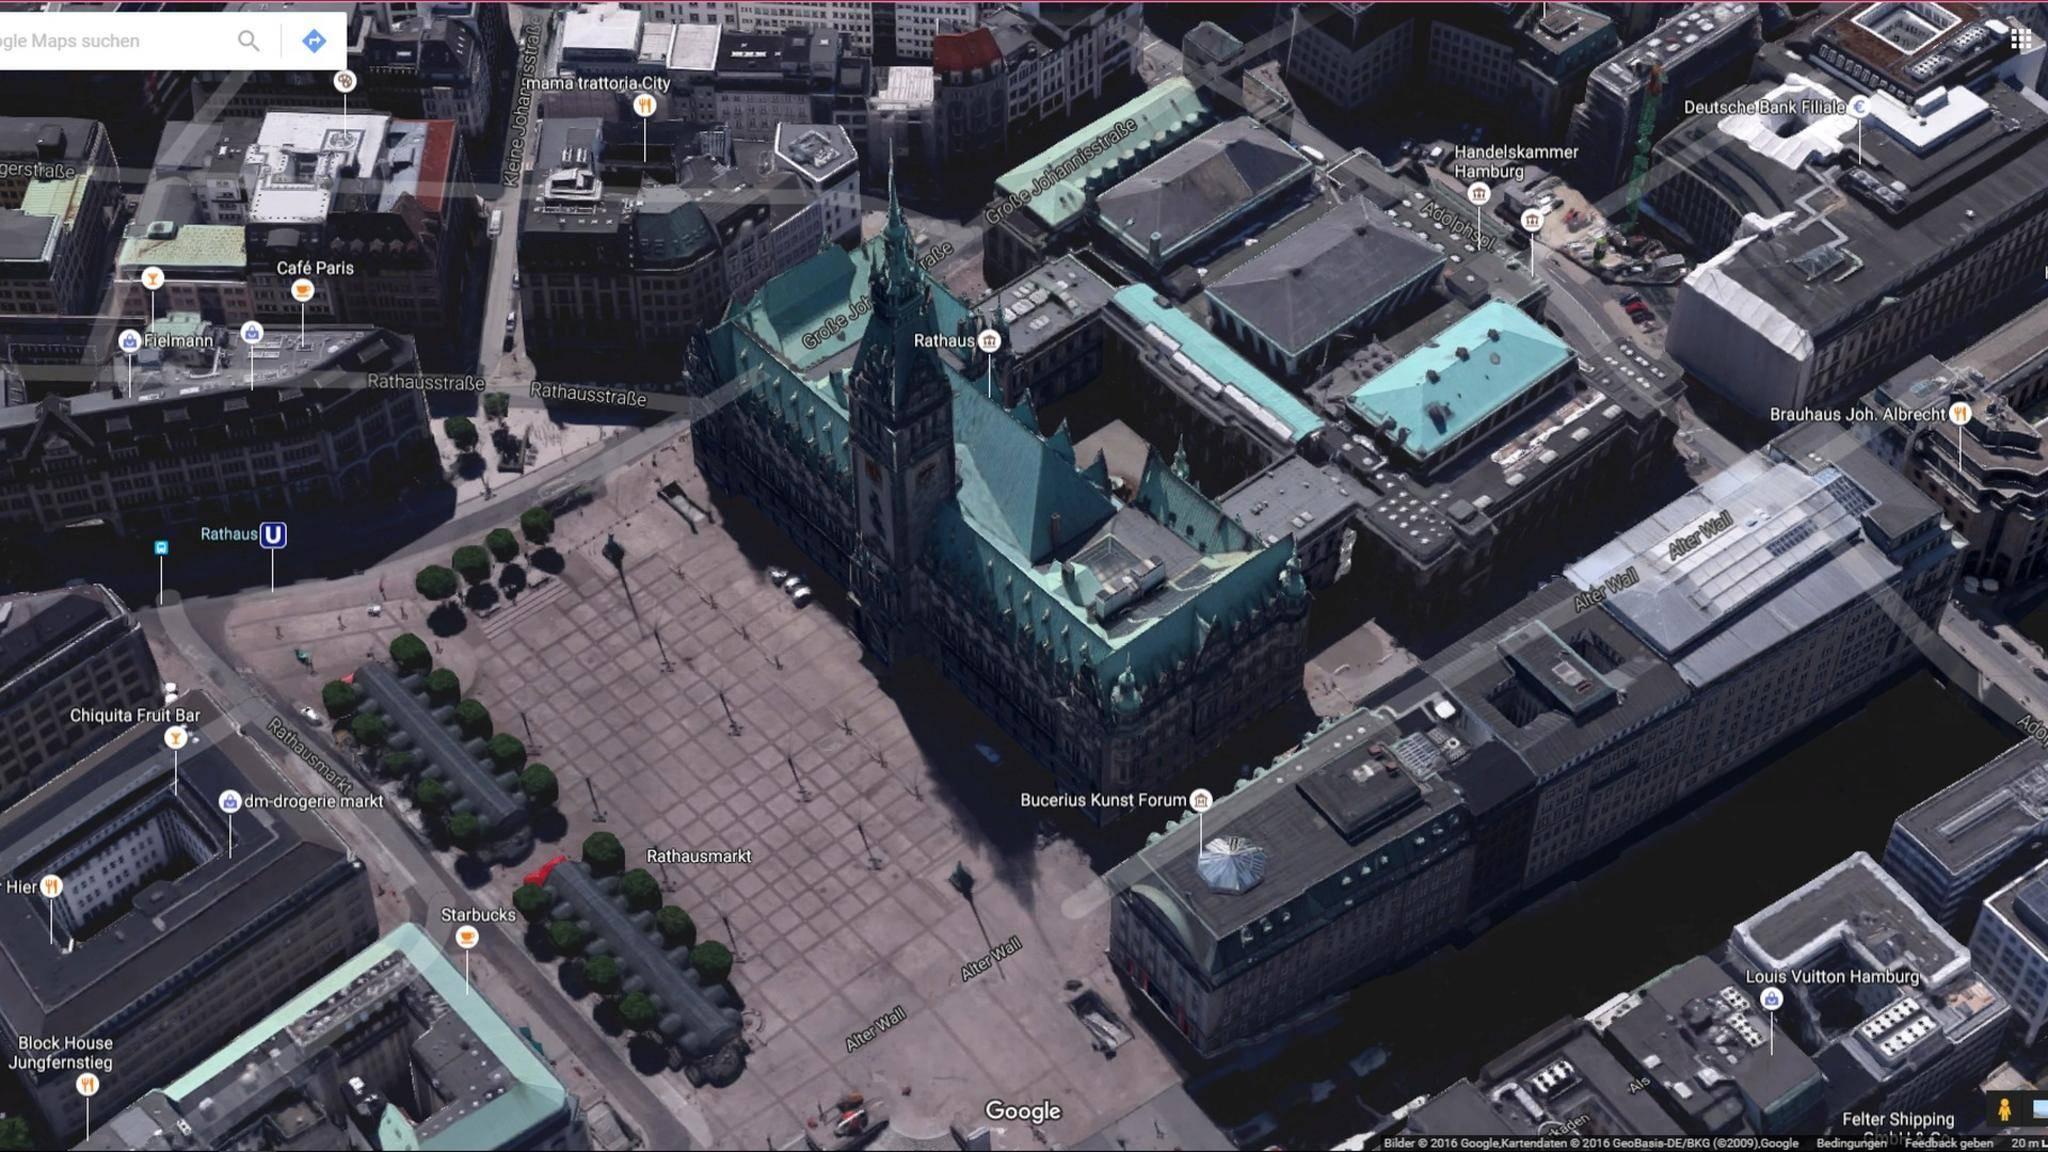 Die 3D-Ansicht von Google Maps erlaubt einen ersten Eindruck des Stadtbilds von zum Beispiel Hamburg.